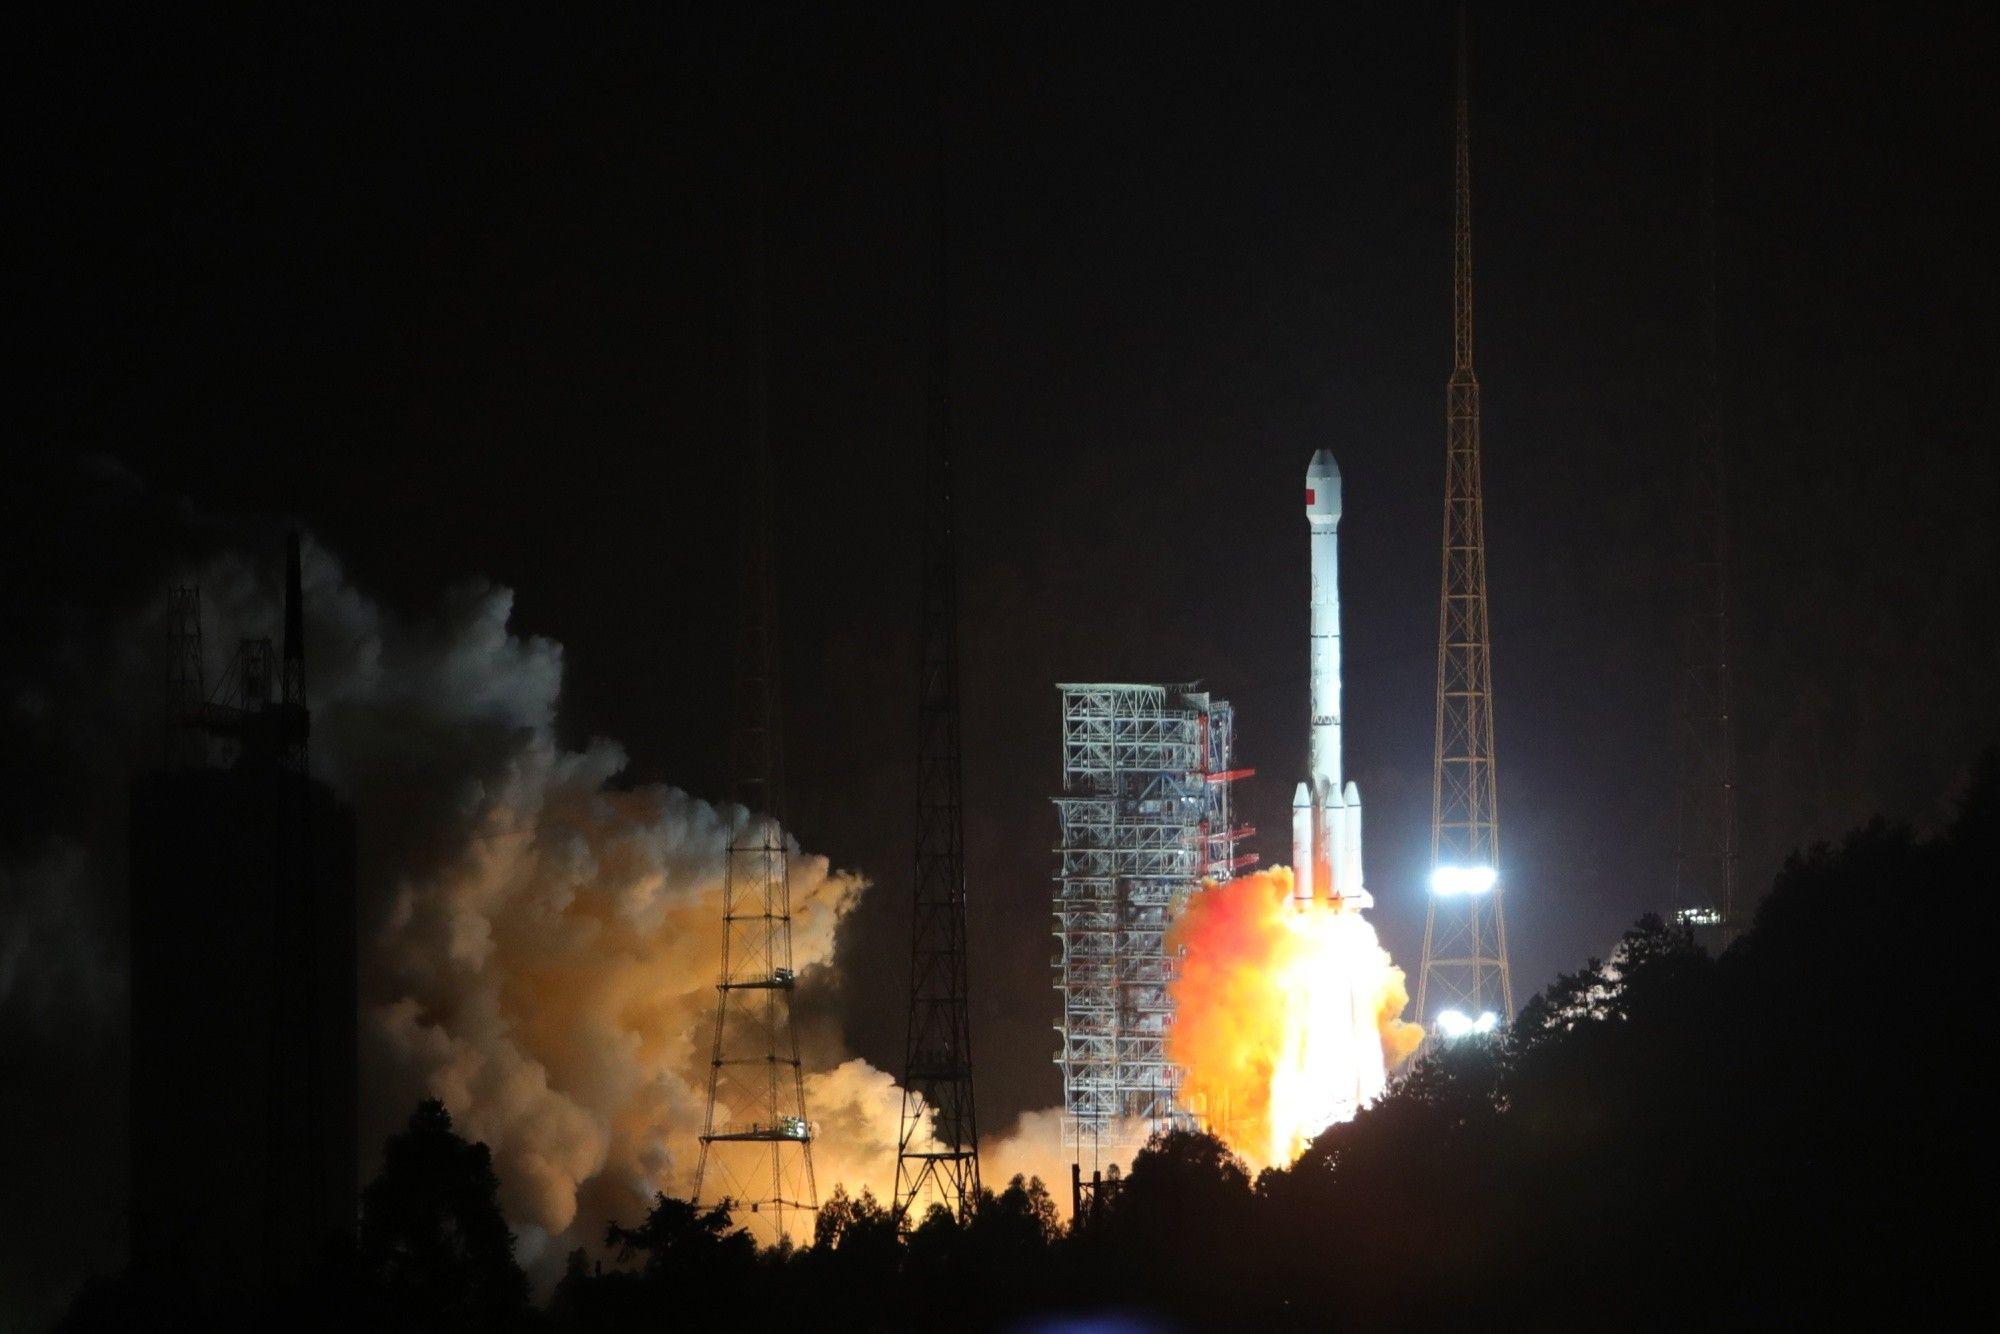 La respuesta de China al GPS de EE.UU. tiene grandes ambiciones